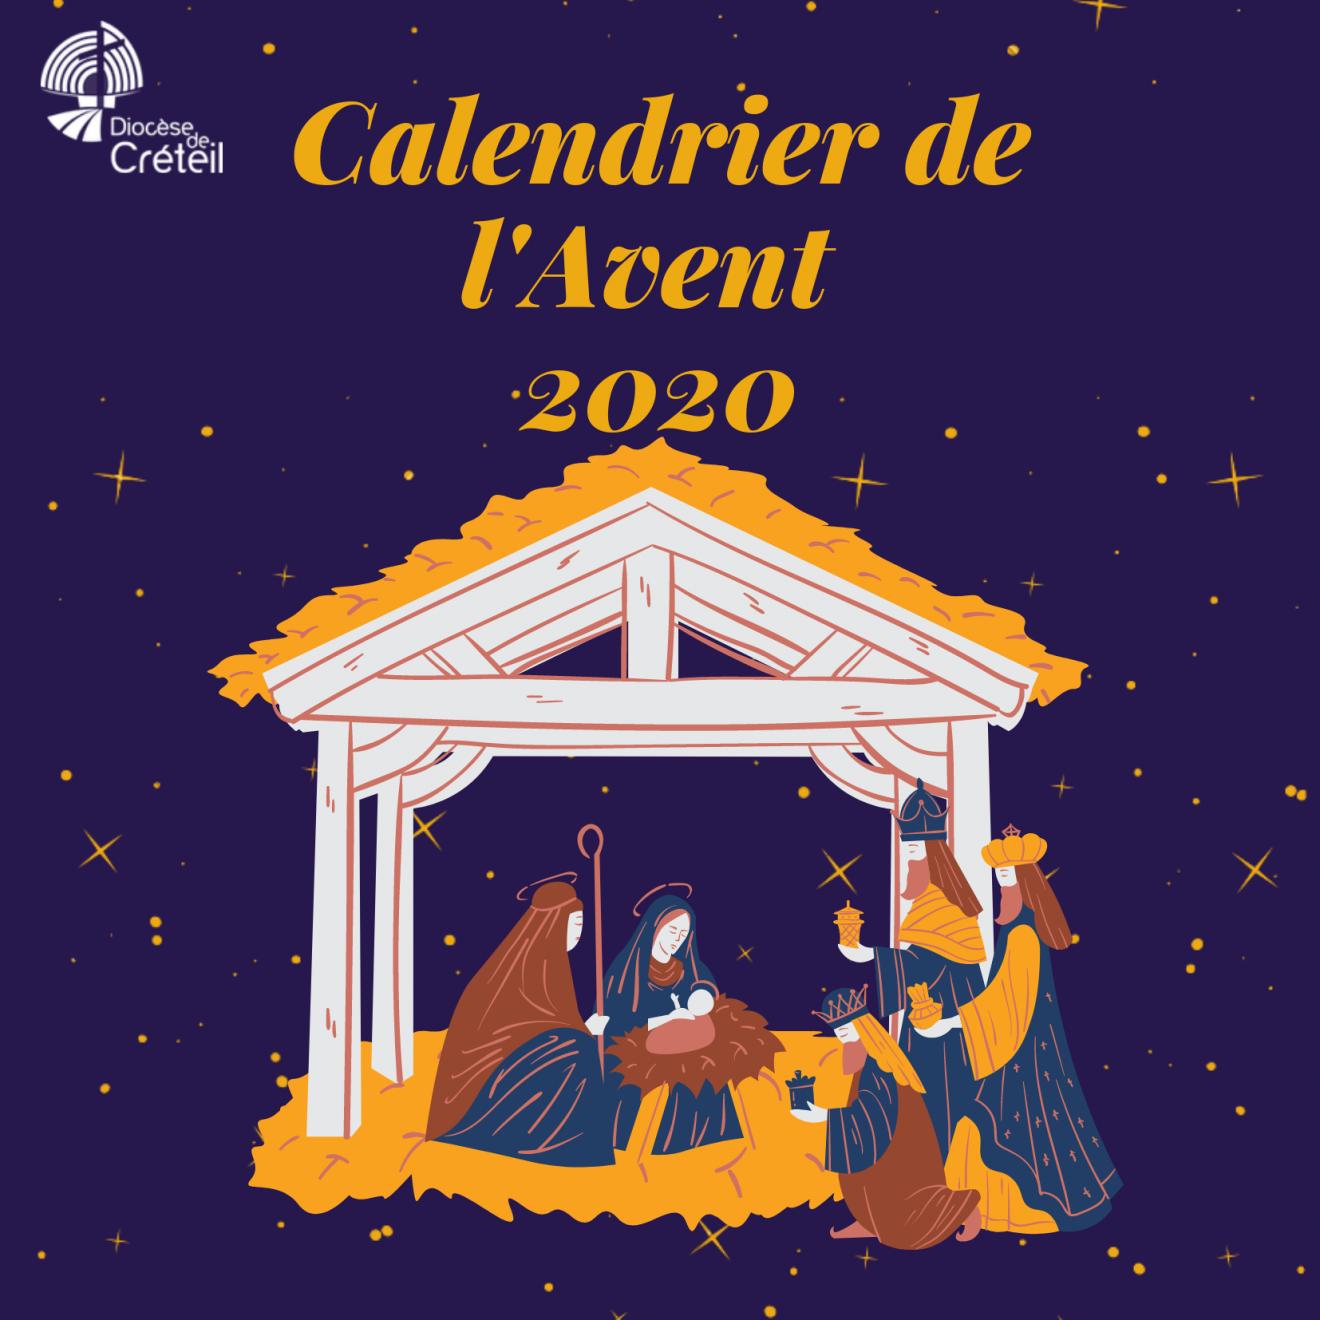 Calendrier de l'Avent 2020 : en chemin pour noël avec le diocèse